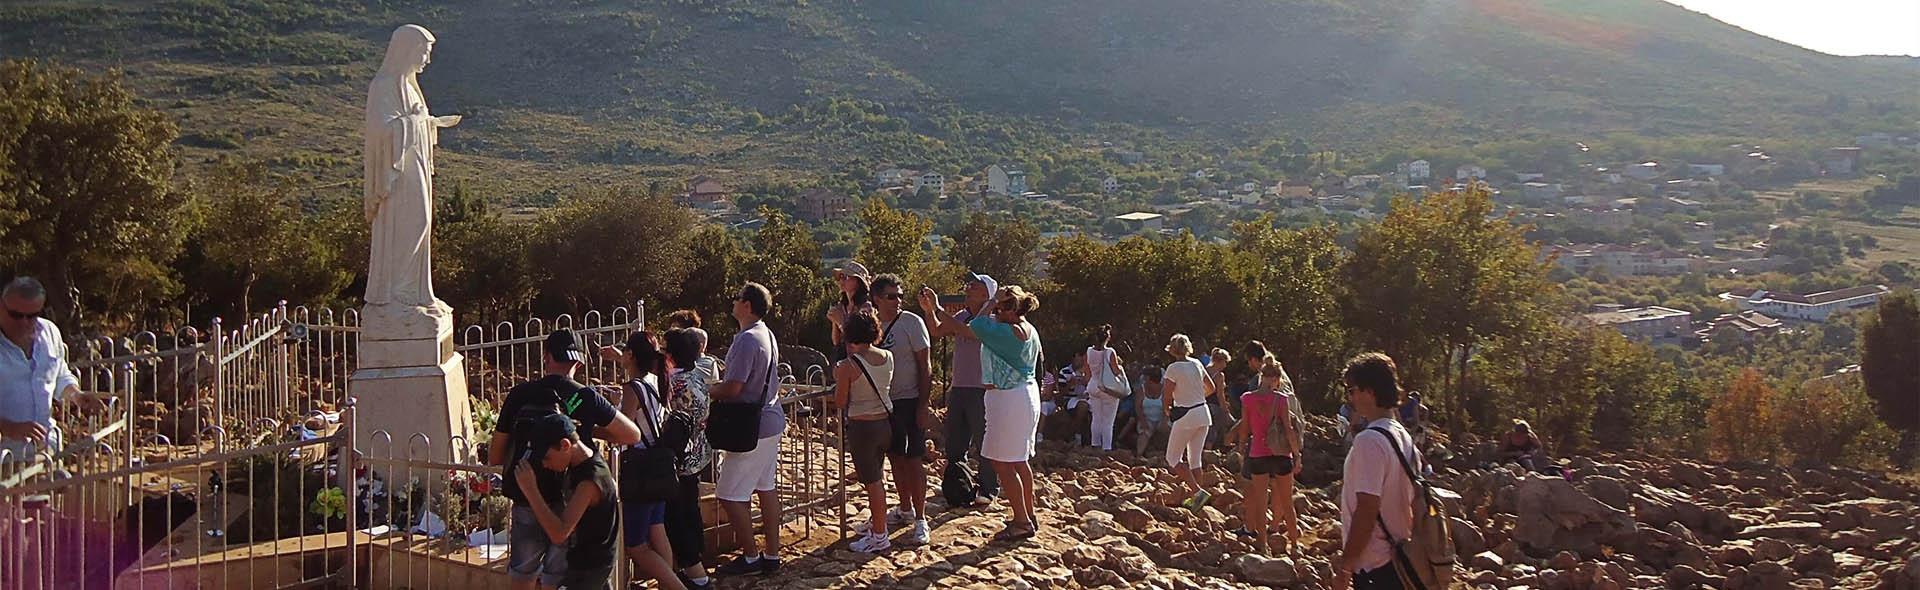 Viaggio a Medjugorje in Aereo da Roma Messaggio 25 Agosto